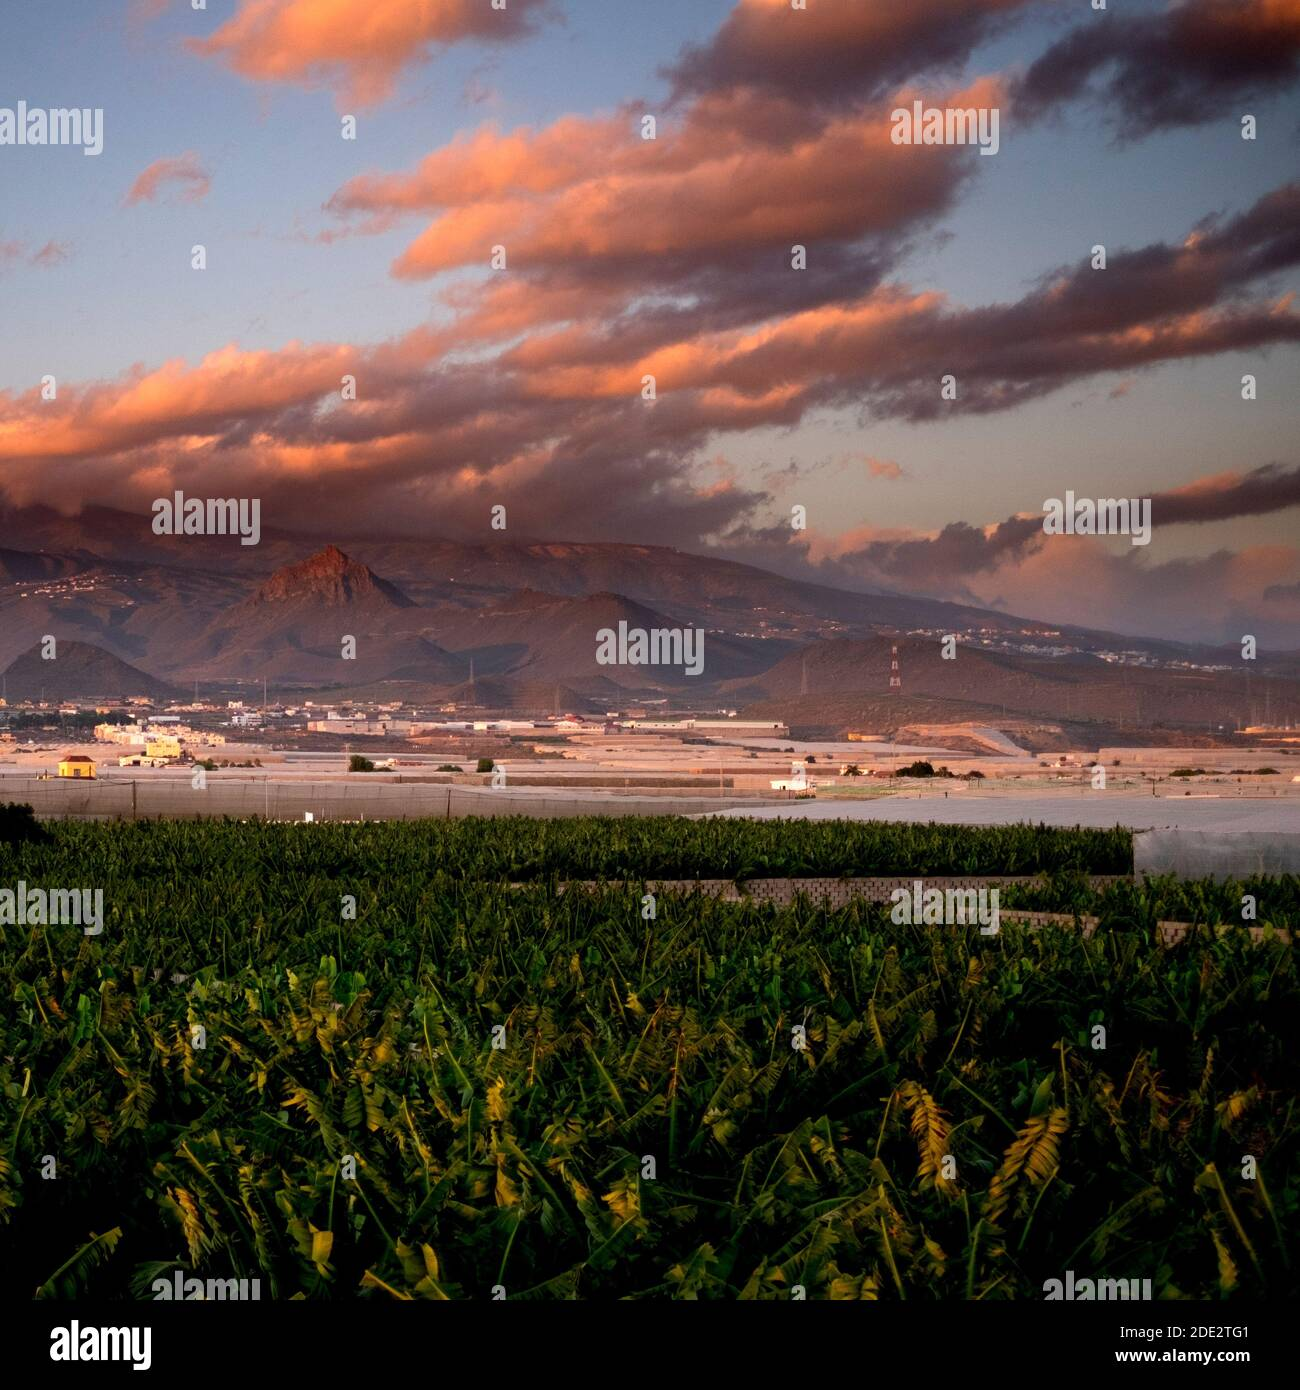 Paysage coucher de soleil vue magnifique sur la plantation de bananes et les montagnes en arrière-plan avec des nuages d'émerveils colorés dans le ciel bleu Banque D'Images